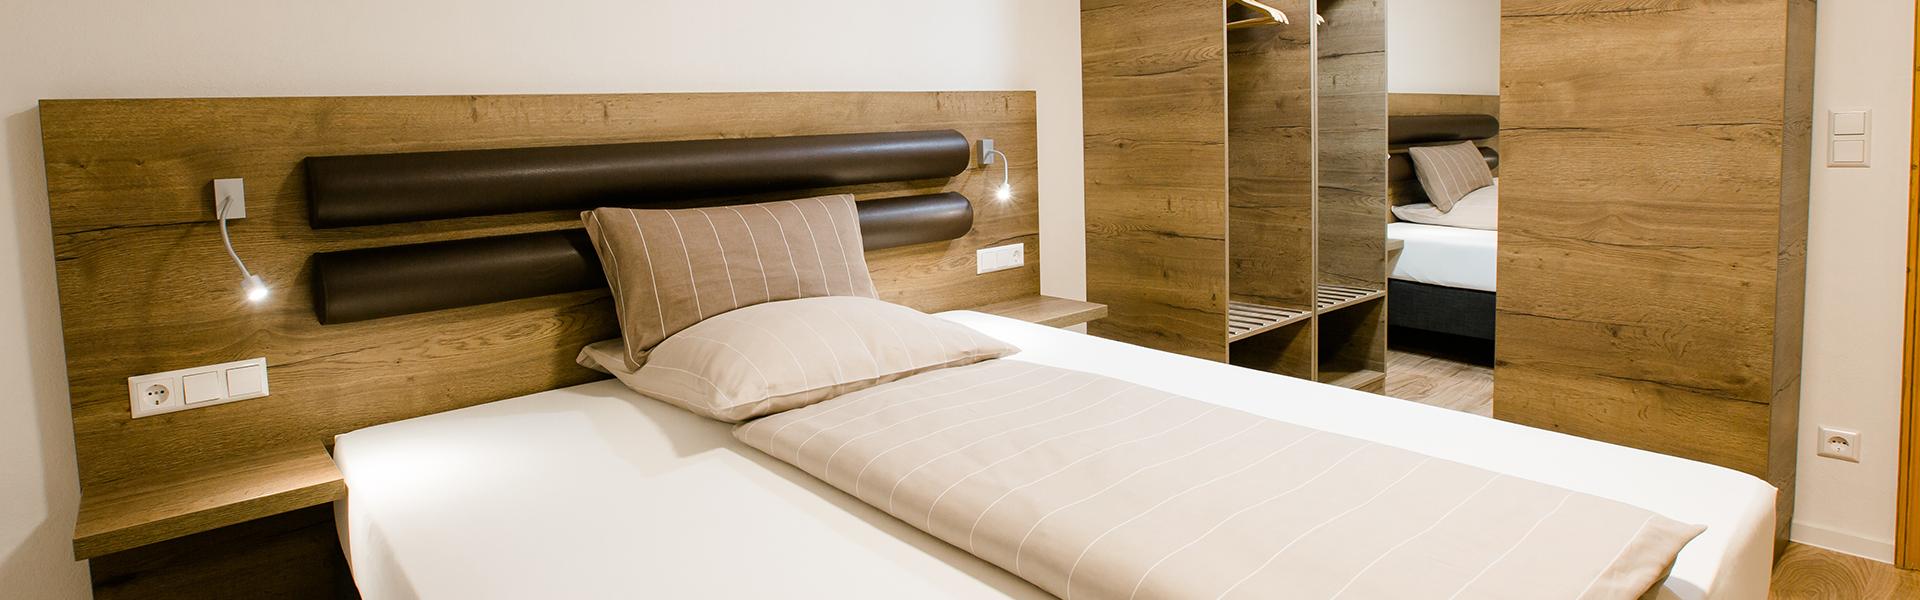 Kellerhaus Oberalfingen - Unsere Zimmer - Nur zum Übernachten viel zu schade